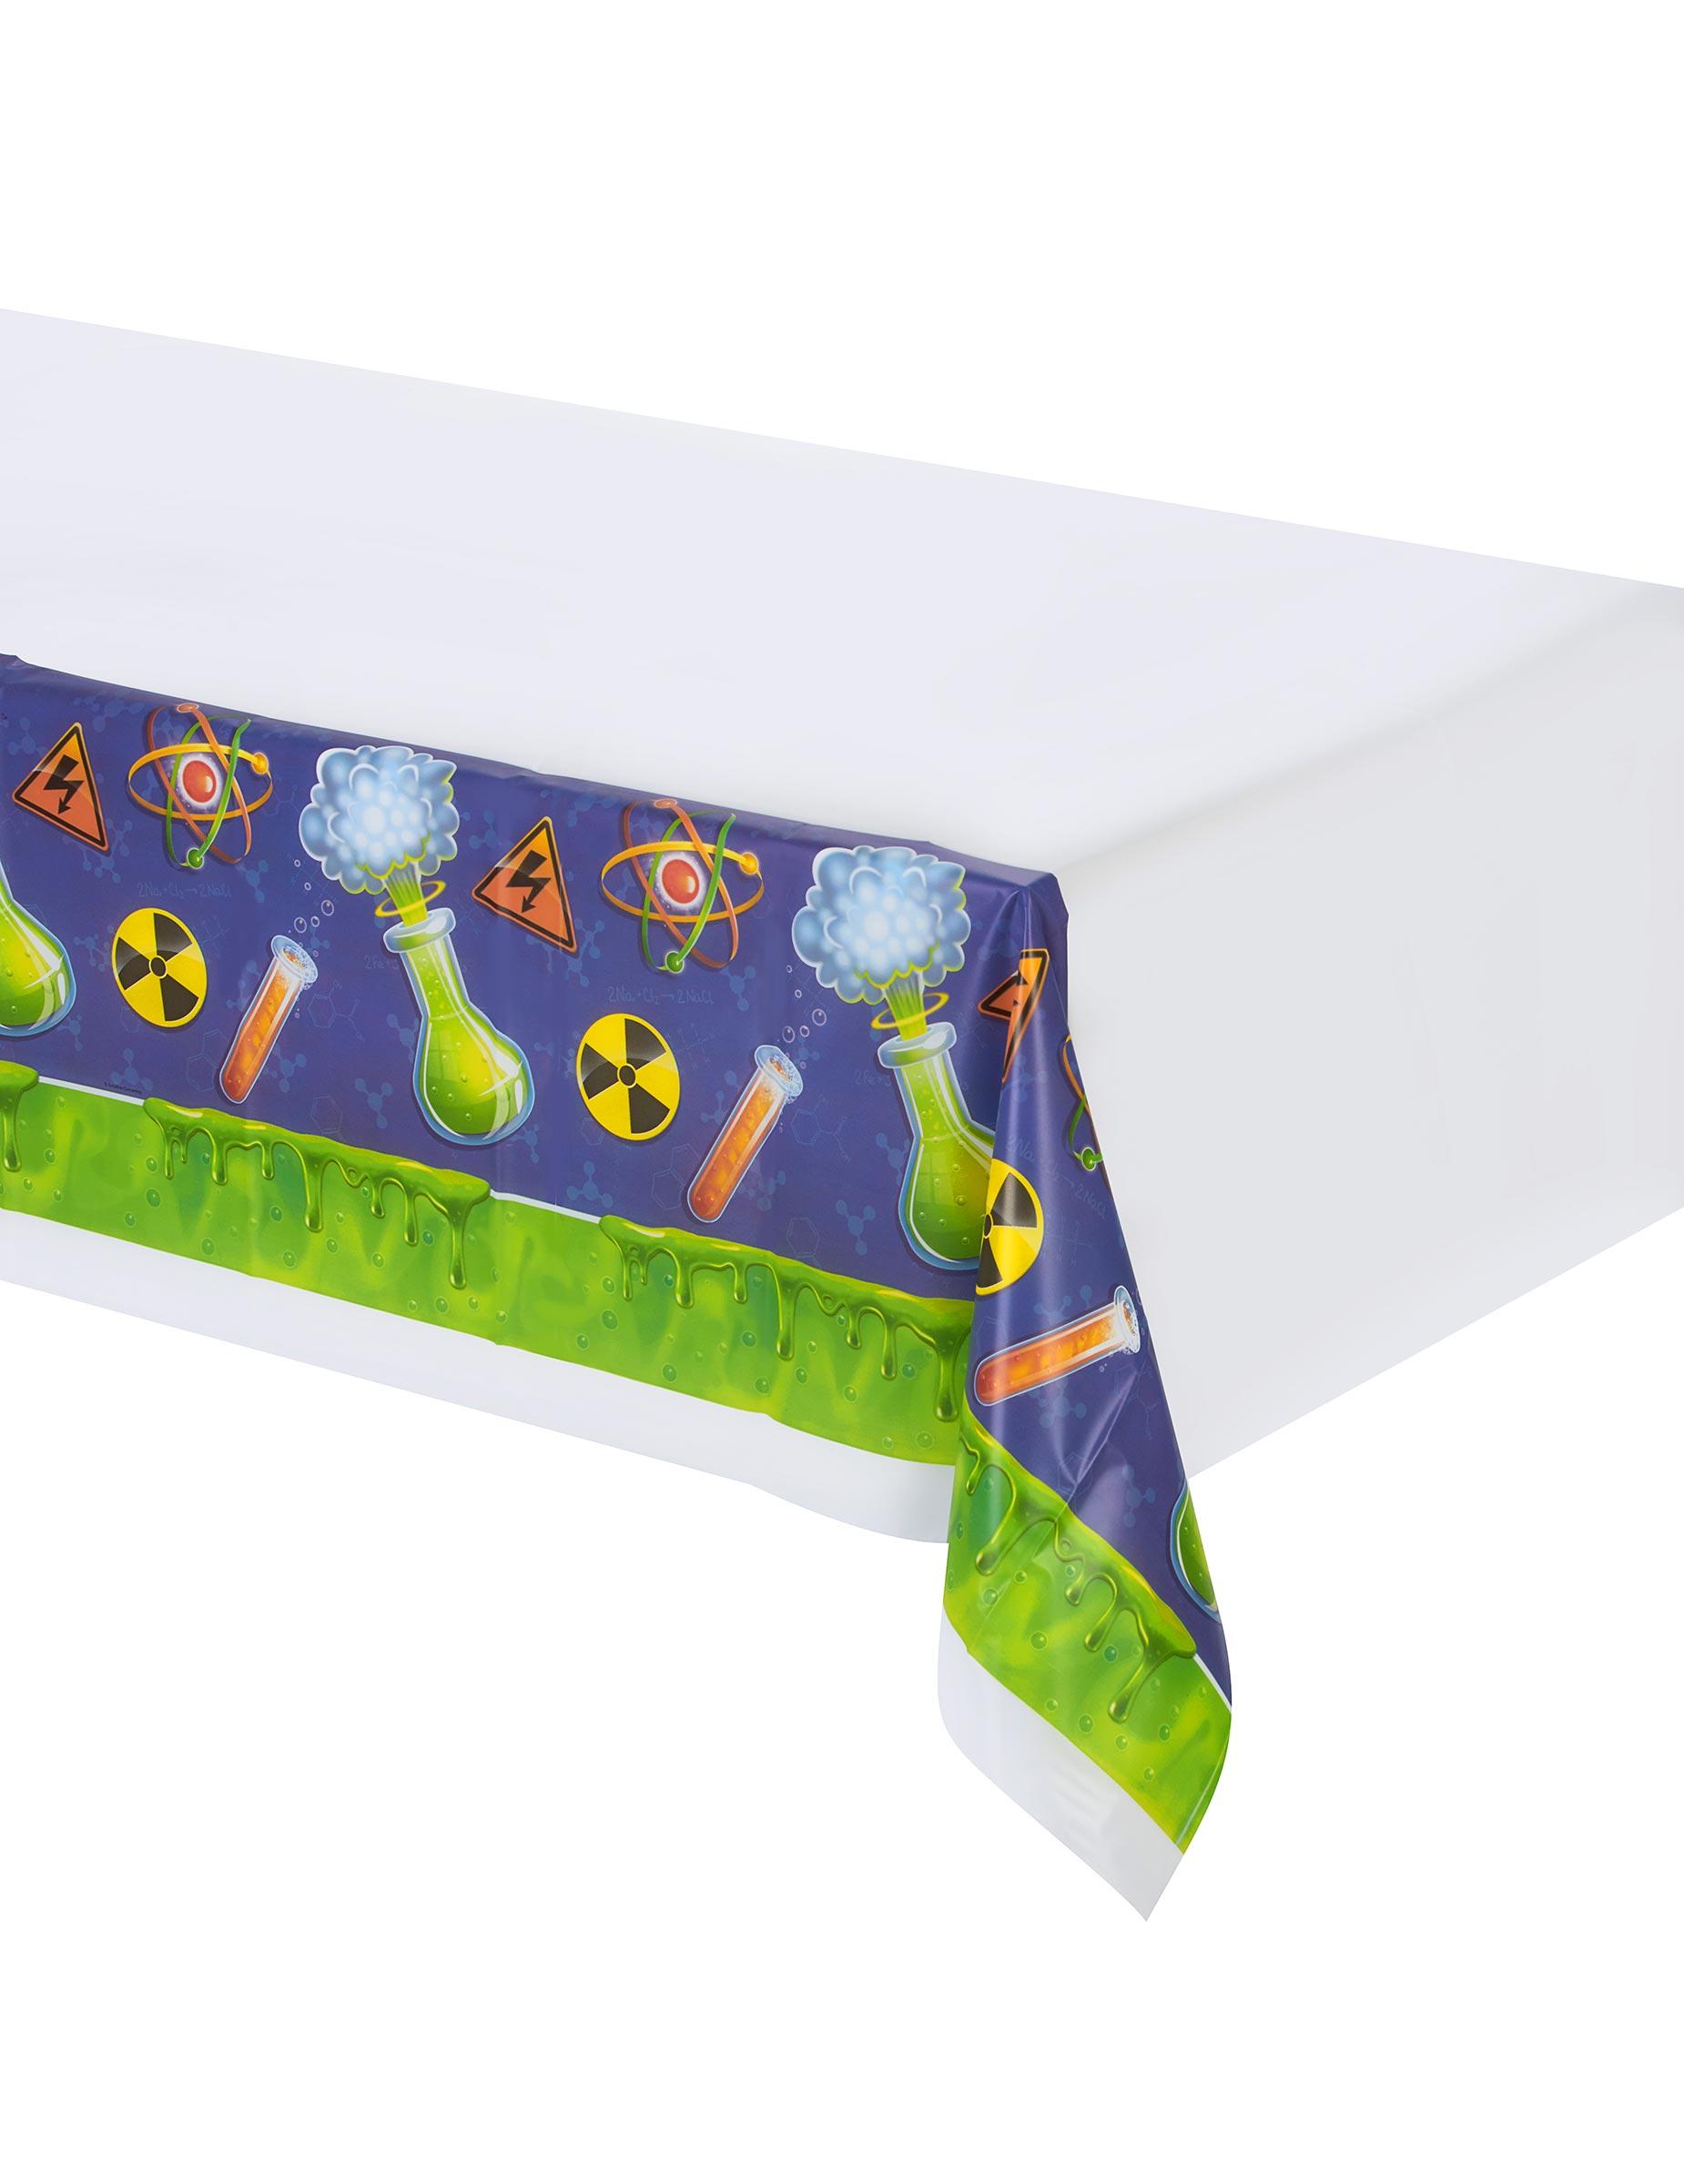 nappe en plastique scientifique 137 x 259 cm d coration anniversaire et f tes th me sur. Black Bedroom Furniture Sets. Home Design Ideas